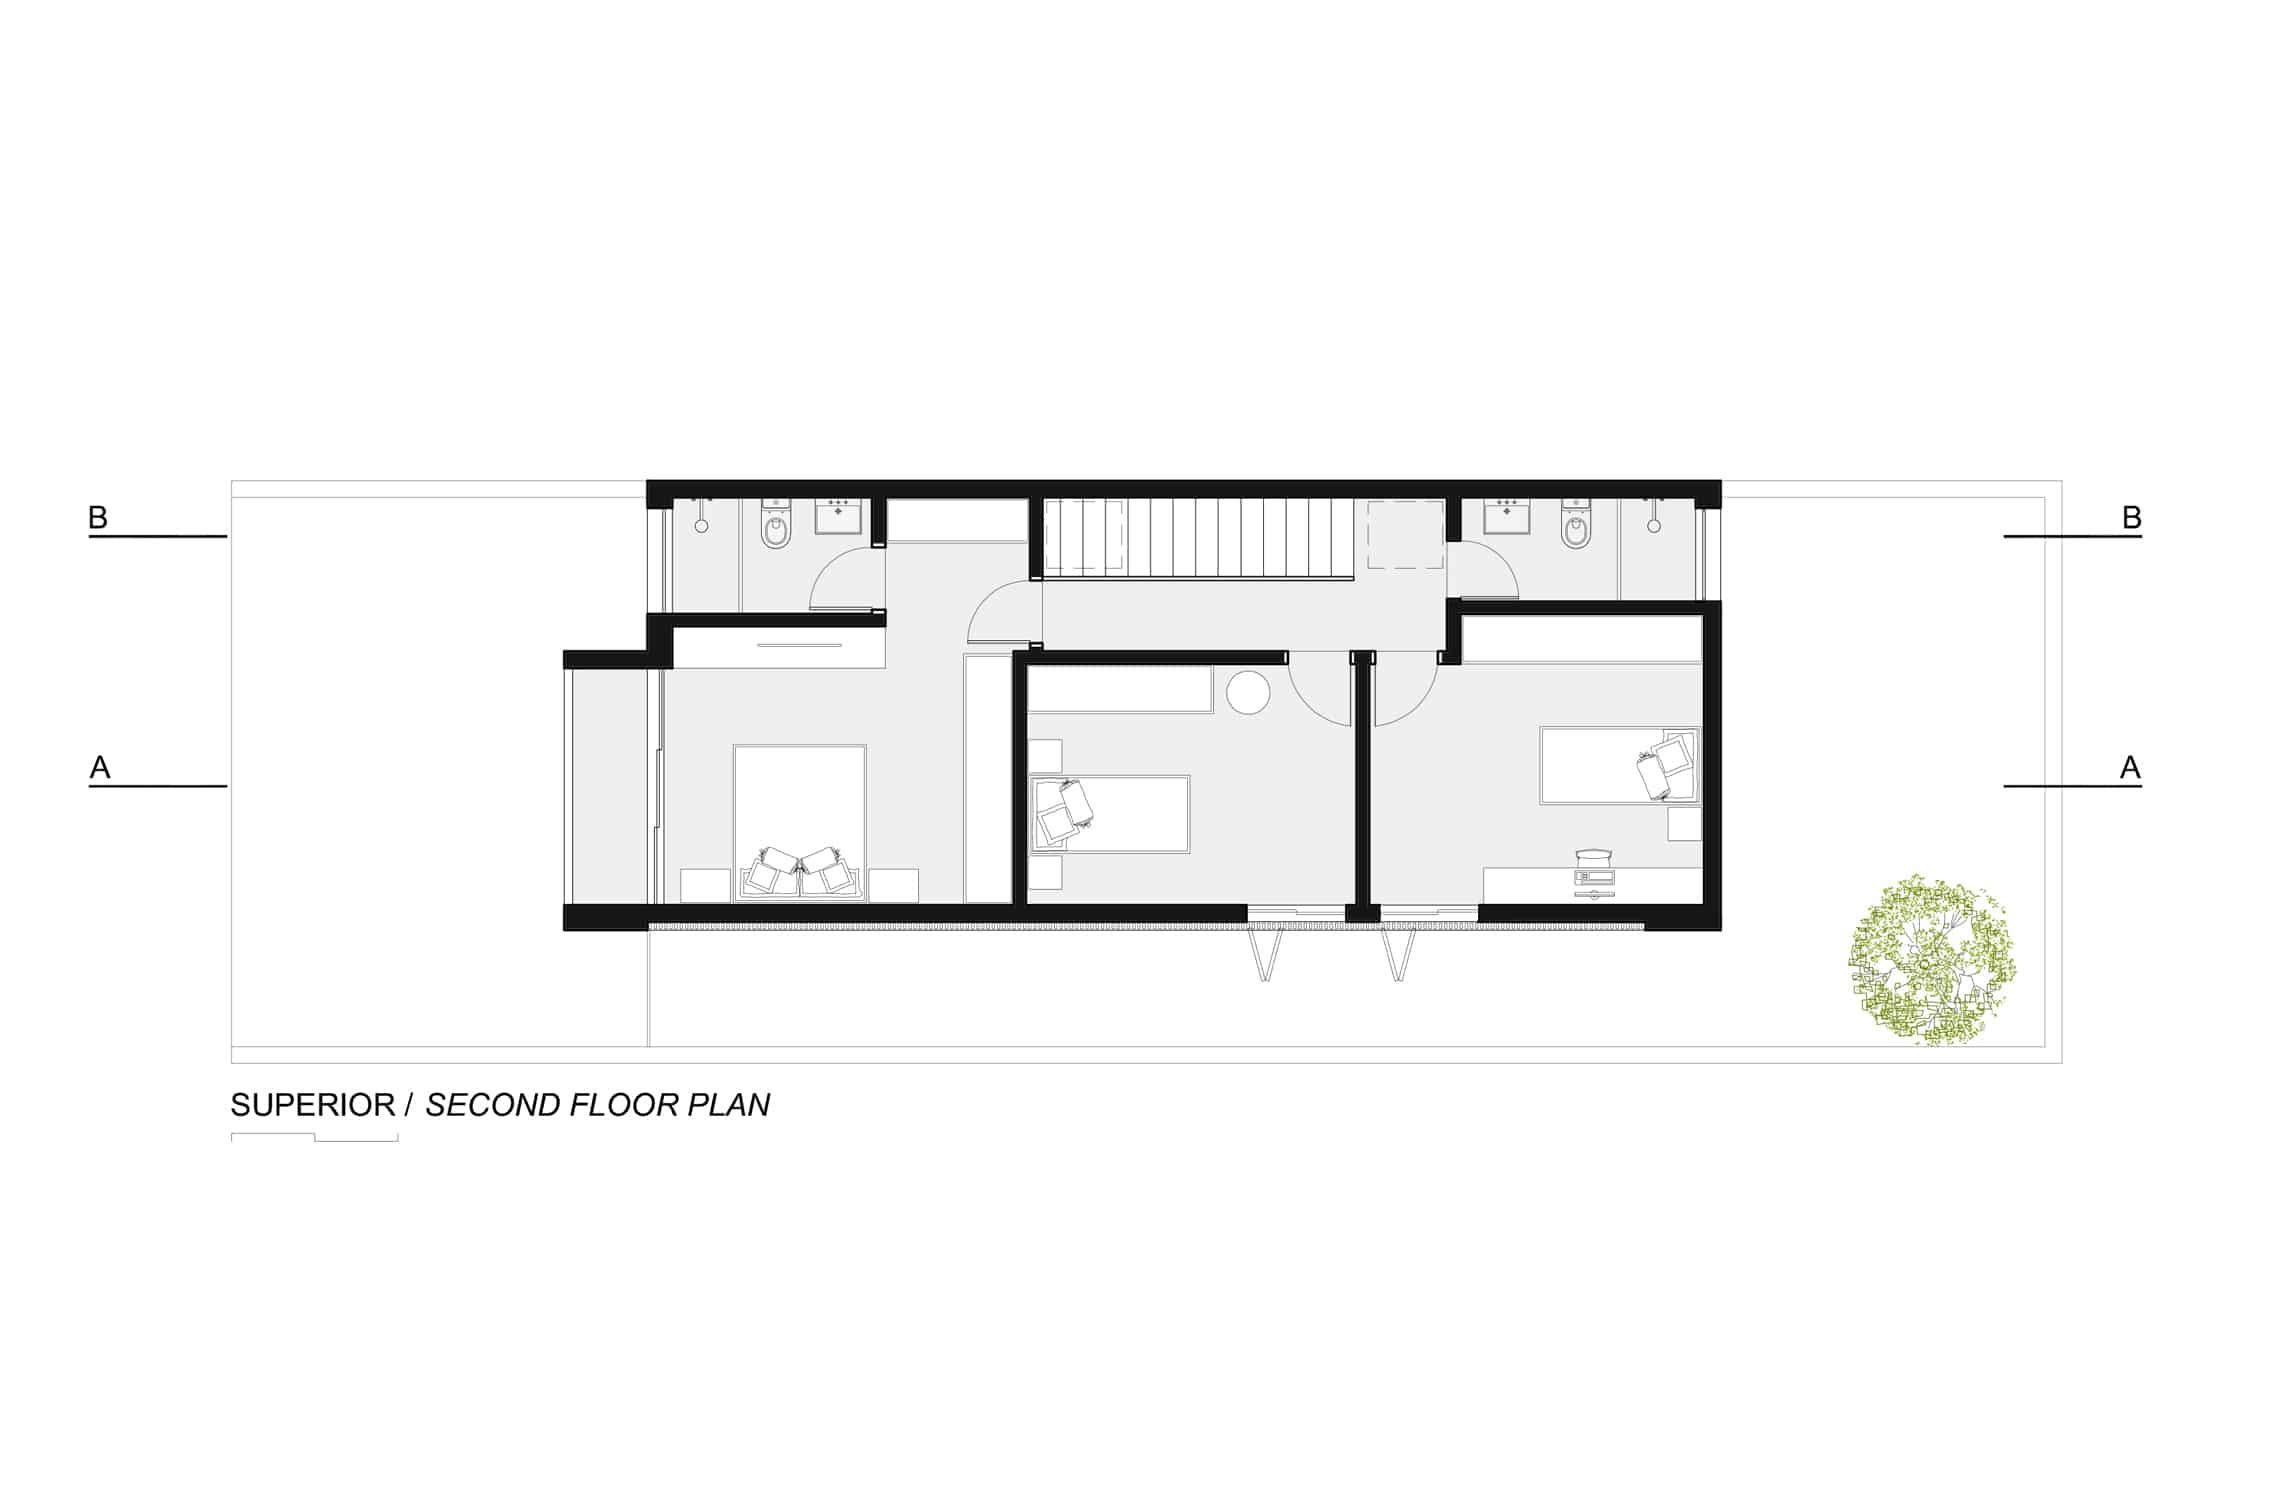 Sencilla casa de dos pisos con planos y dise o de - Distribucion casa alargada ...